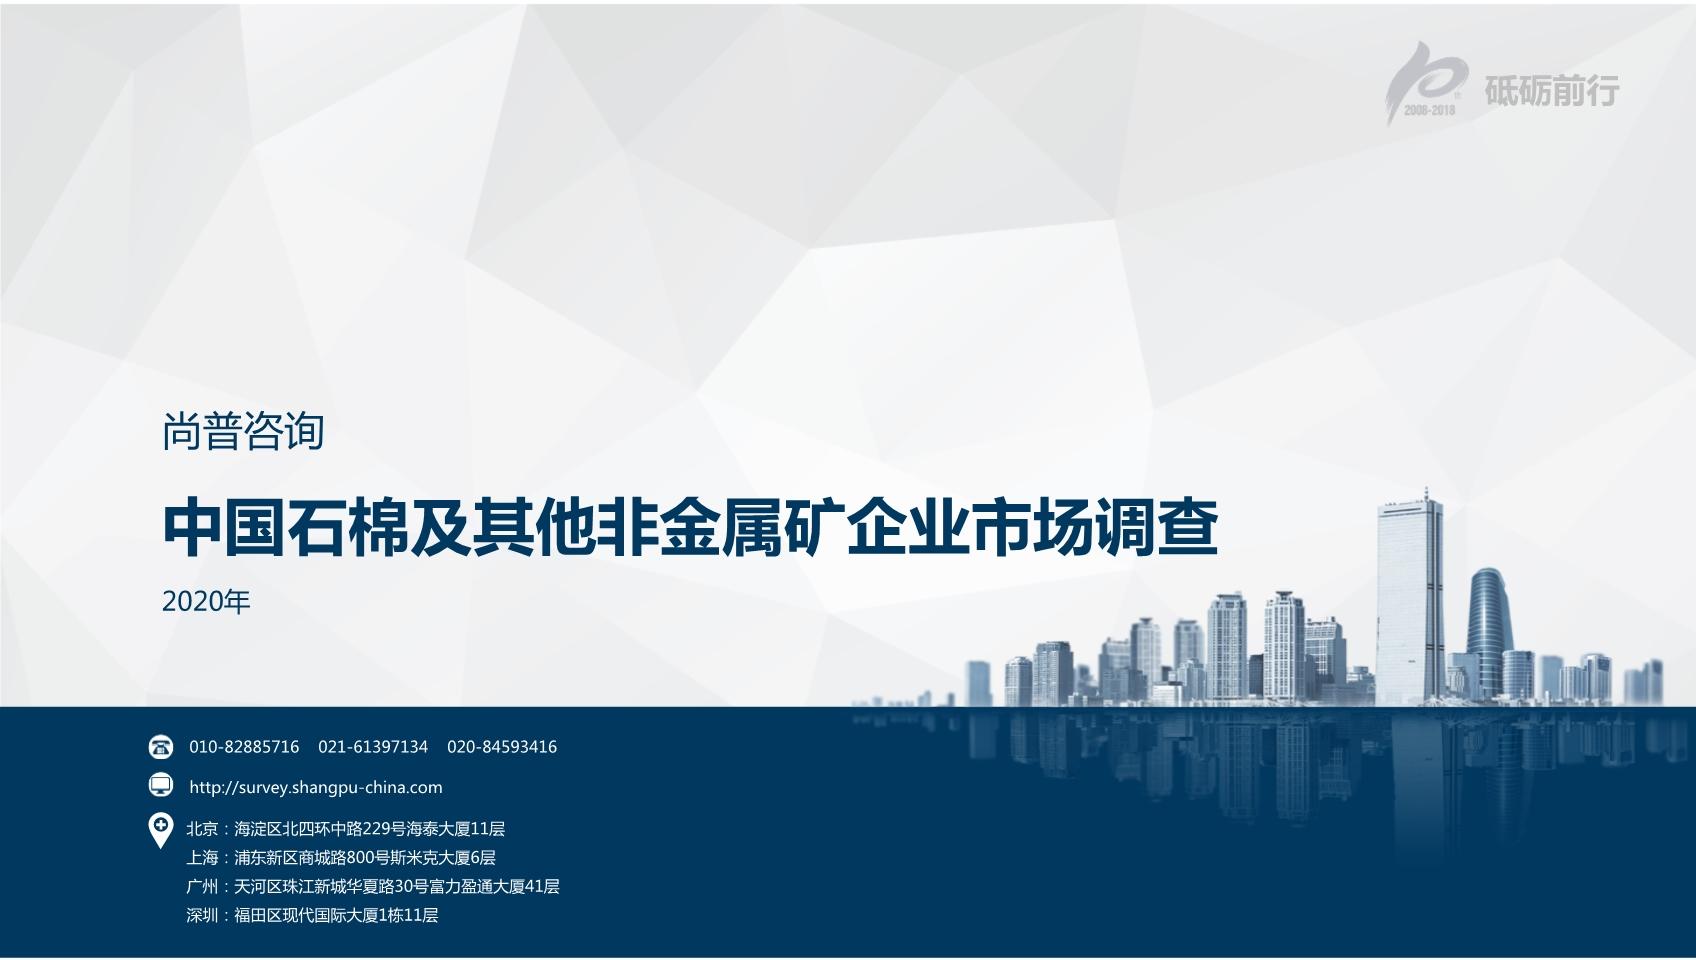 尚普咨询:2020年中国石棉及其他非金属矿企业市场调查